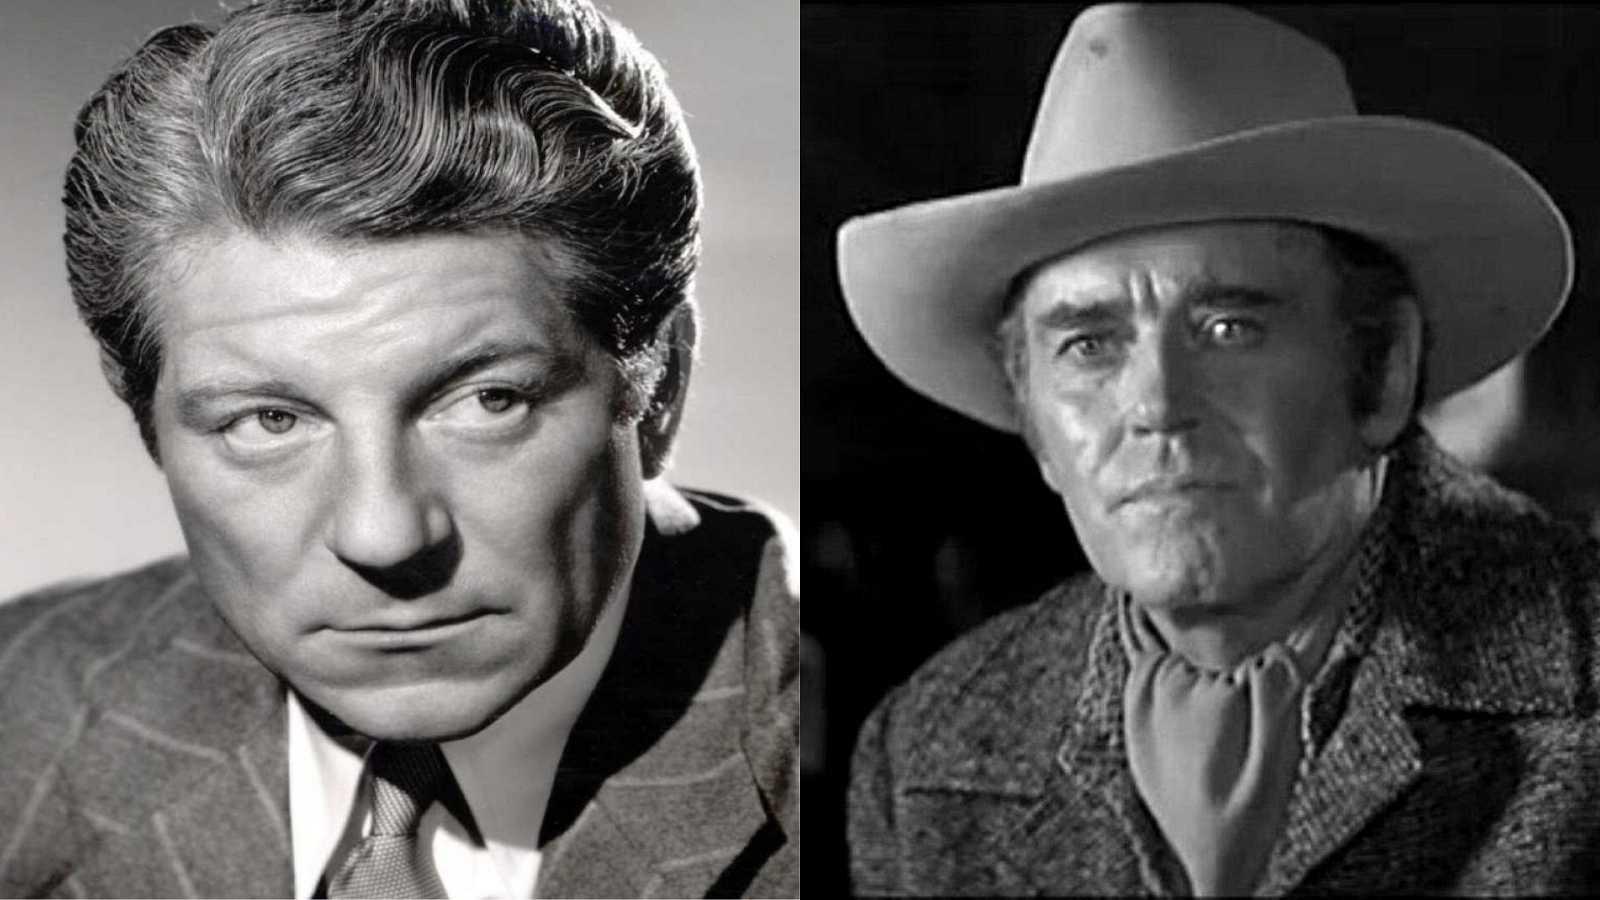 Las mañanas de RNE con Pepa Fernández - Jean Gabin y Henry Fonda, dos legendarios del cine - Escuchar ahora